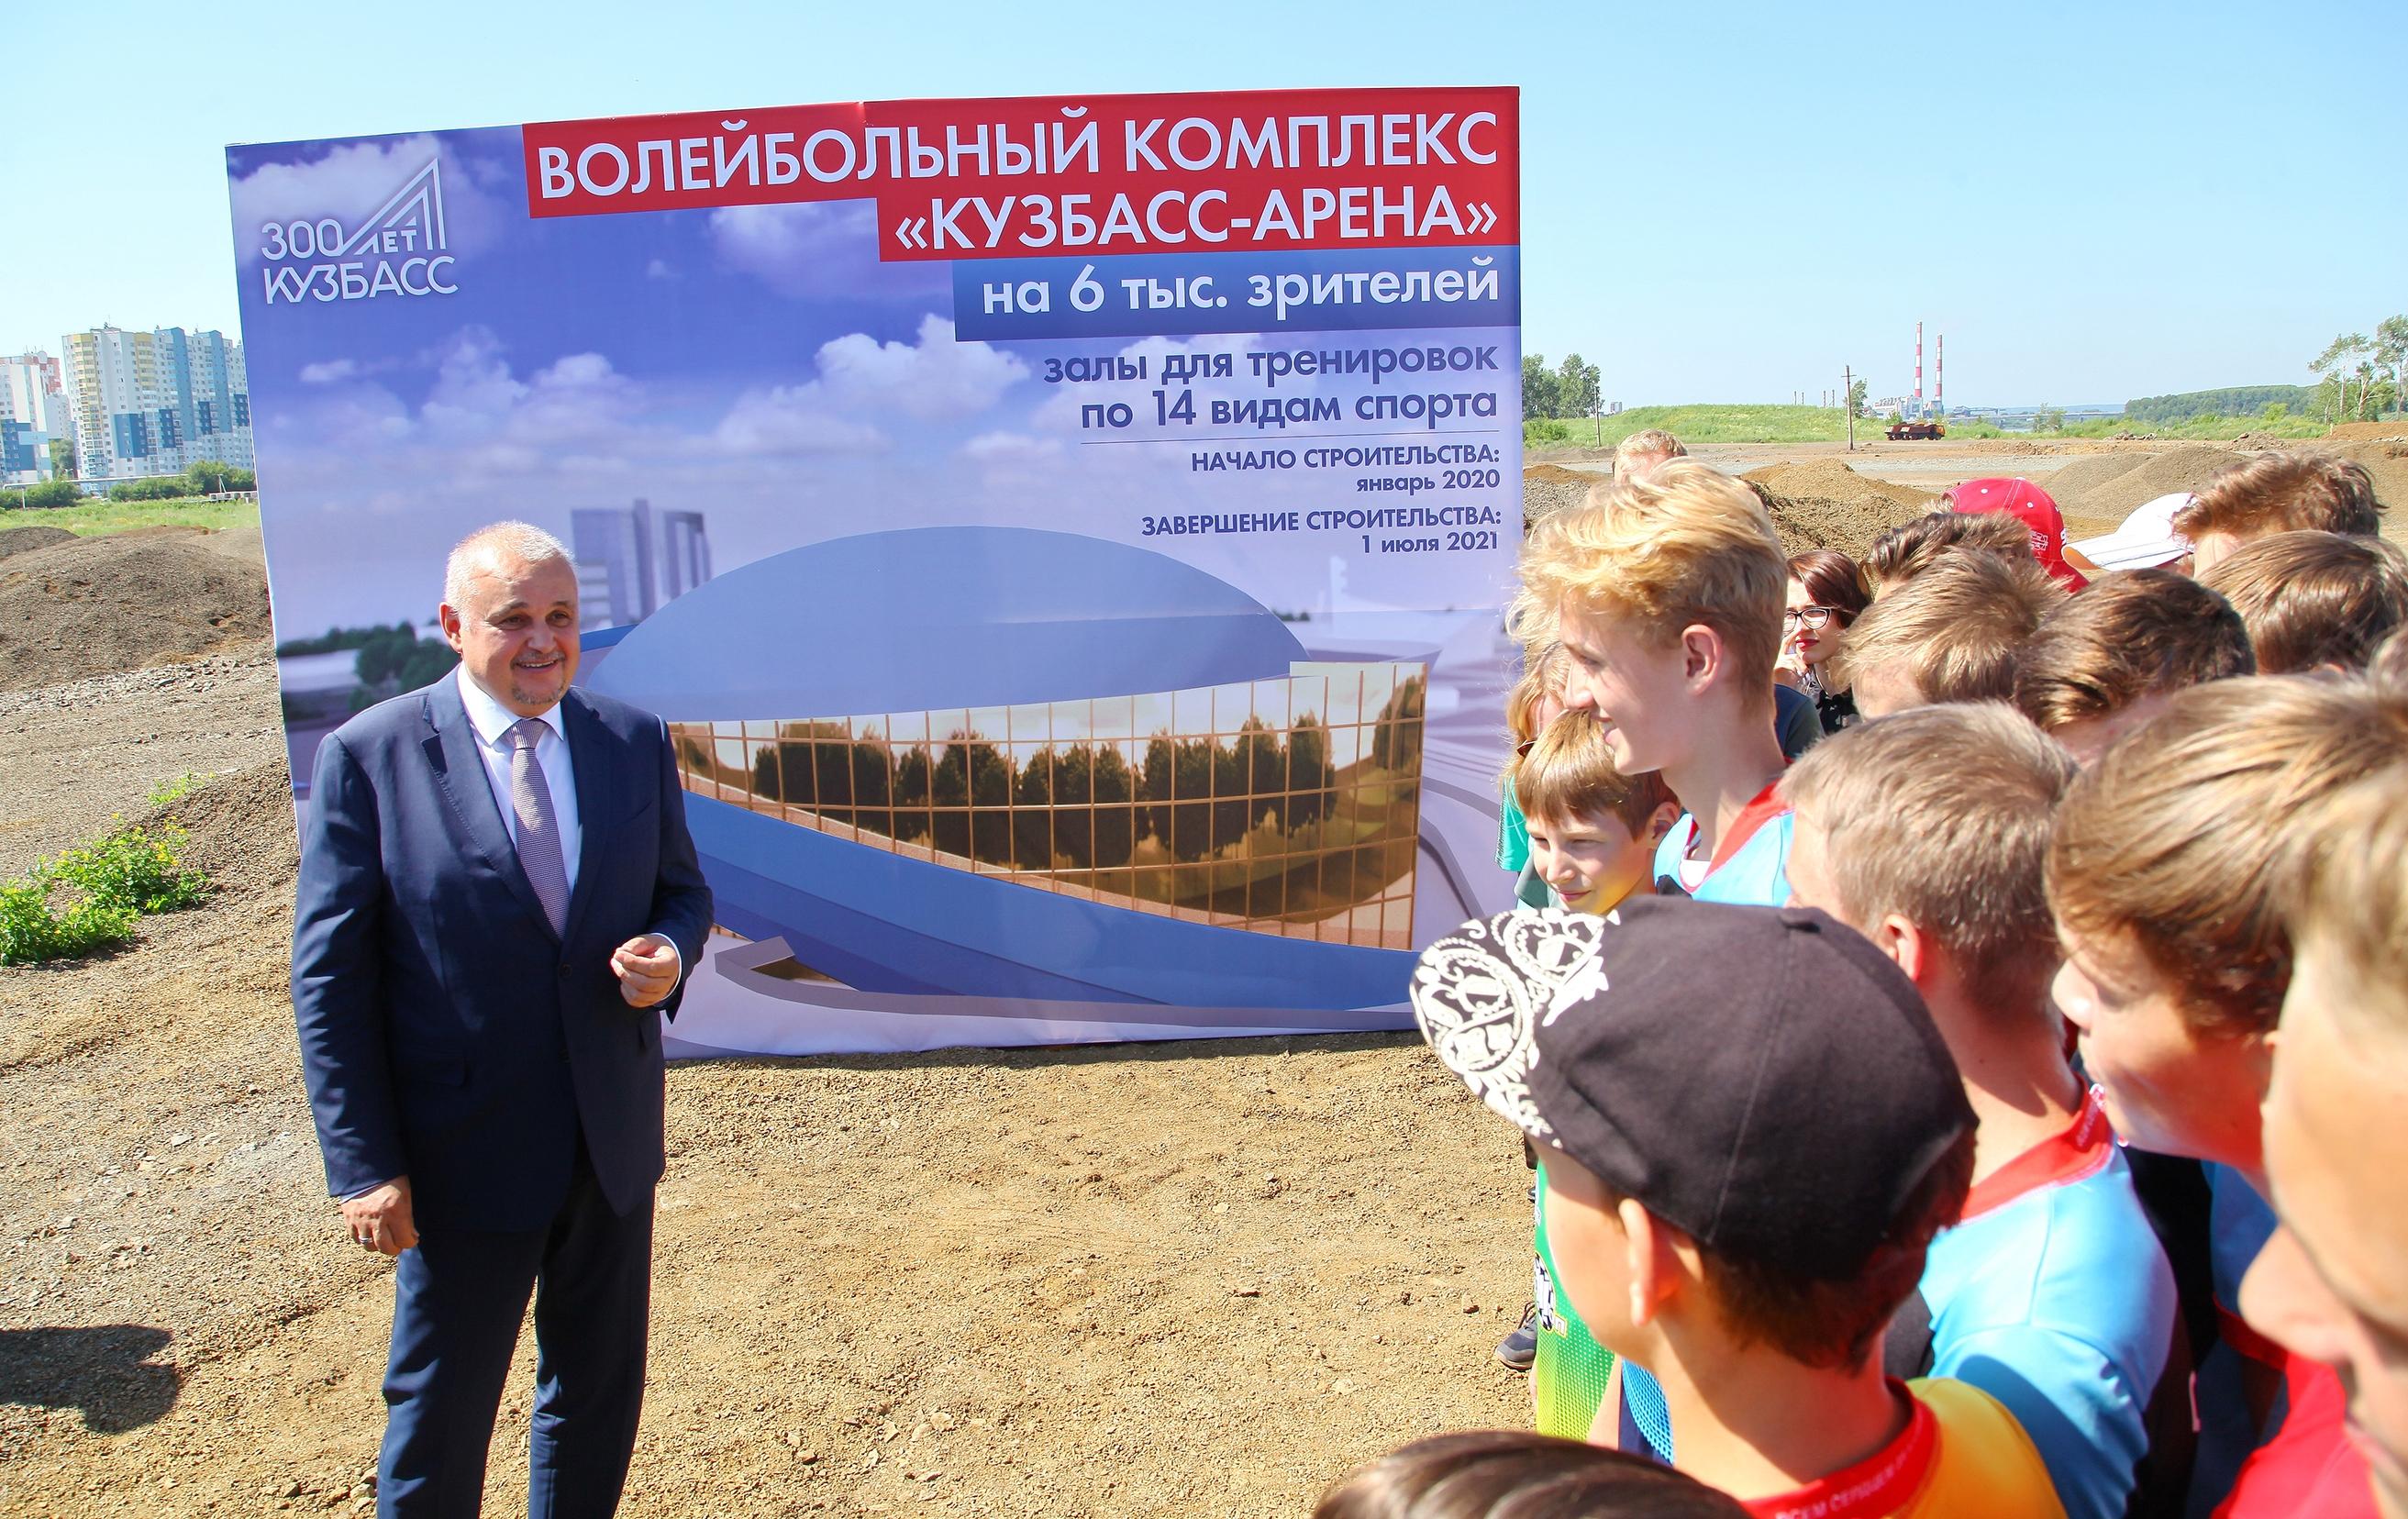 Губернатор рассказал о строительстве нового многофункционального спортивного комплекса «Кузбасс-Арена»